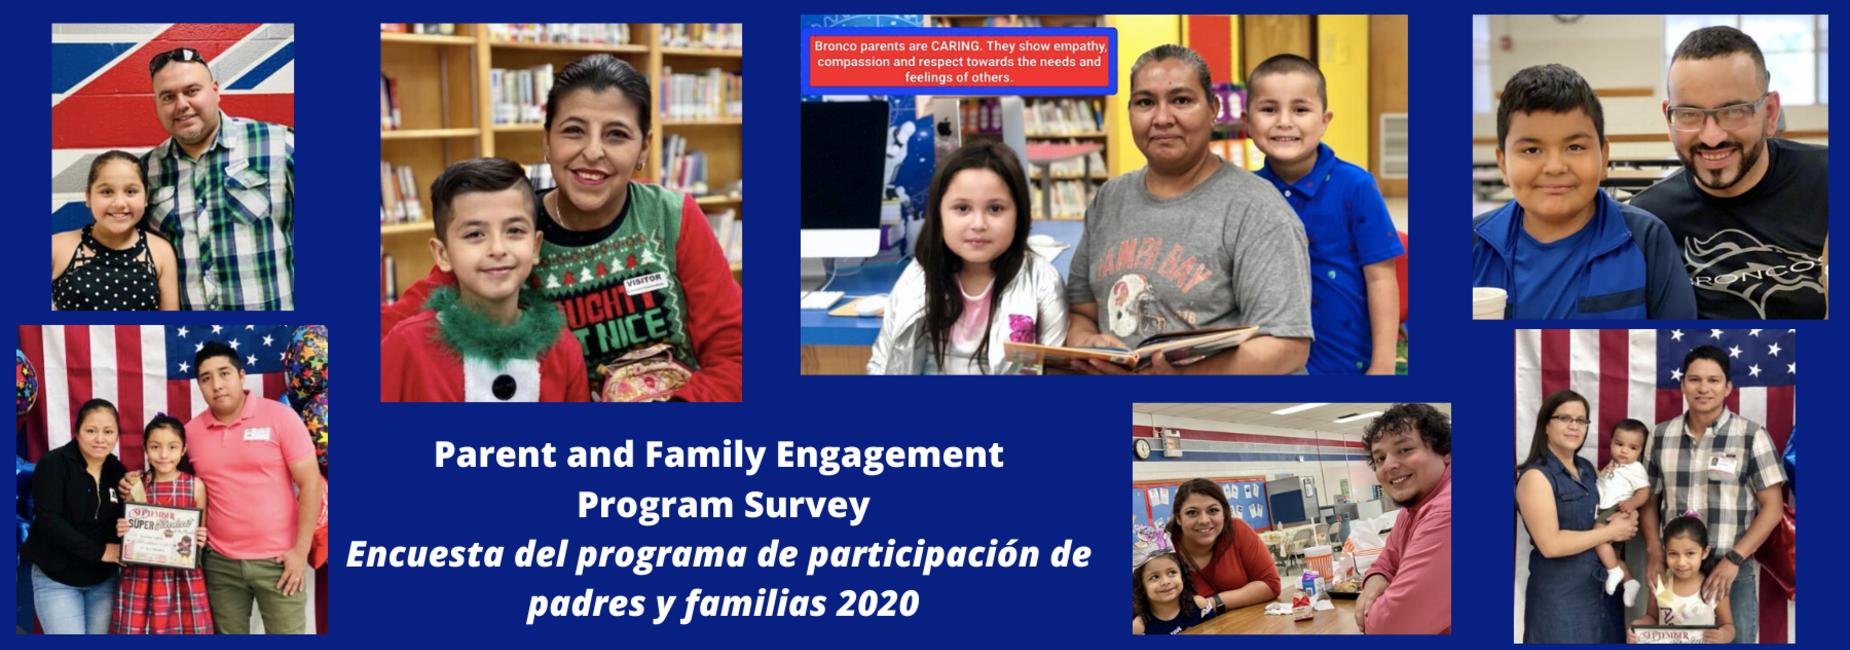 Parent and Family Engagement Program Survey 2020